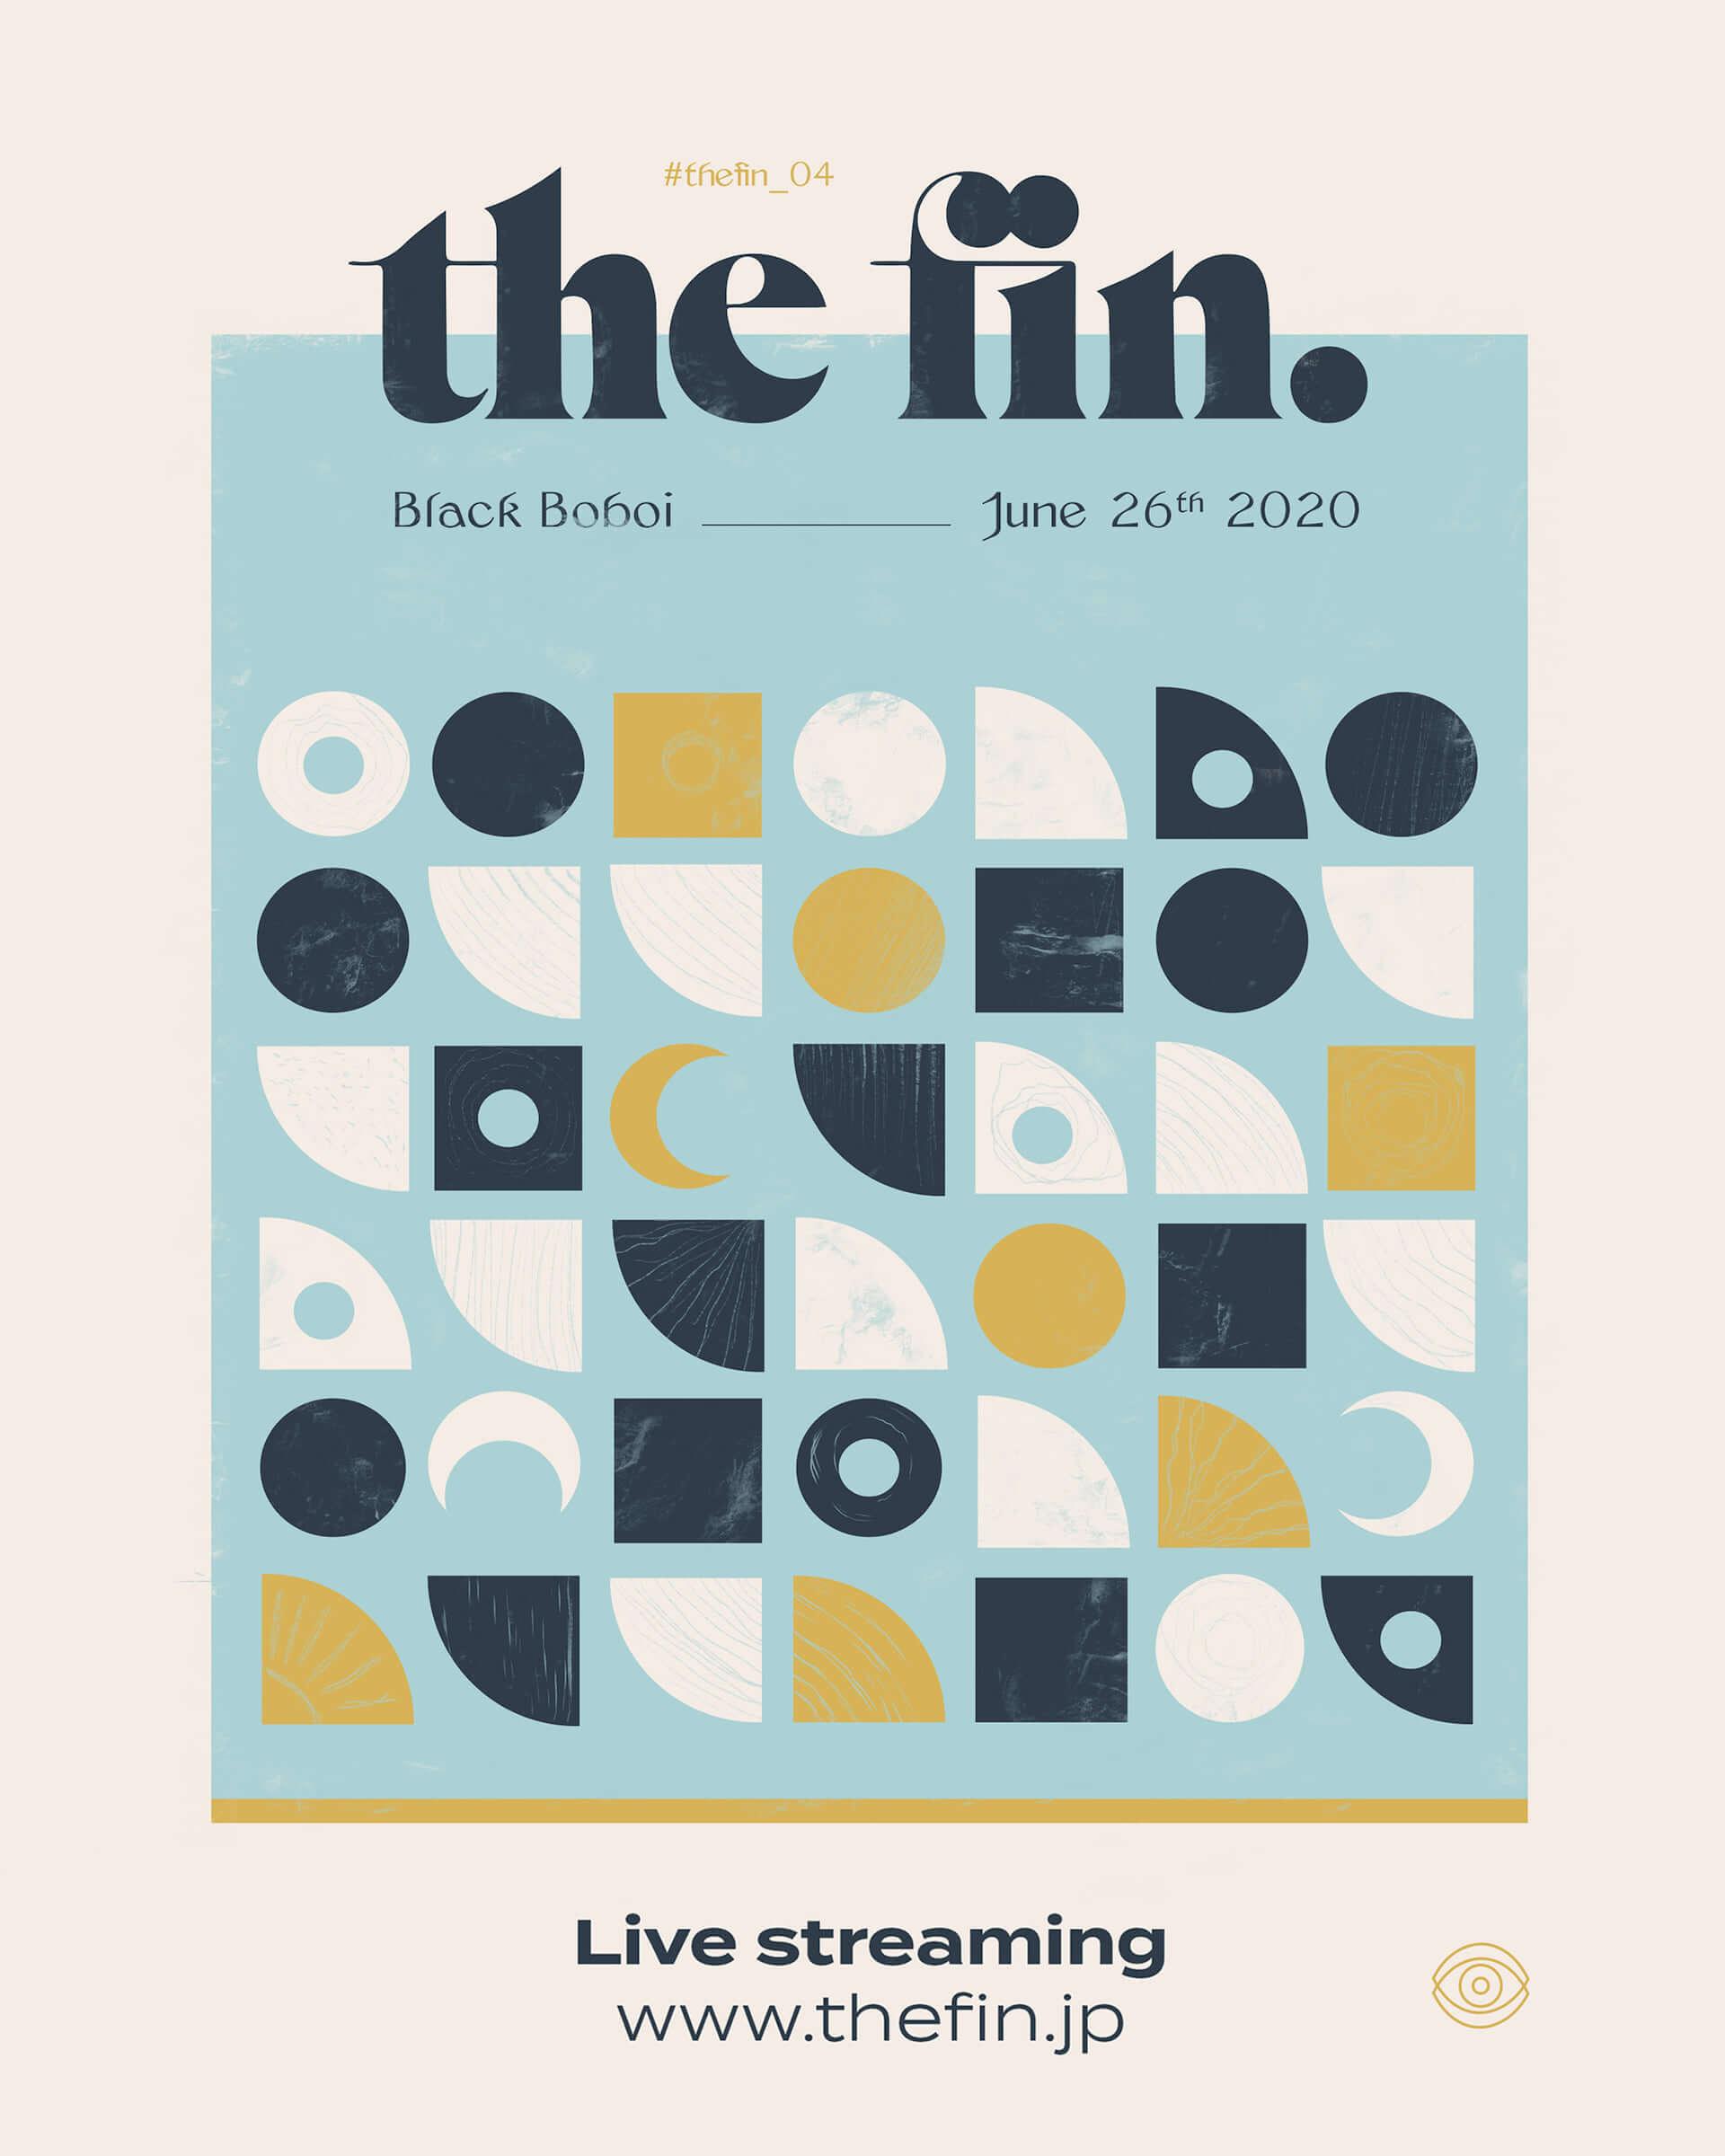 Black Boboiを迎えたThe fin.の自主企画<#thefin_04>がオンラインで開催決定!ライブ音源をダウンロードできるチケットも music200615_thefin_3-1920x2400